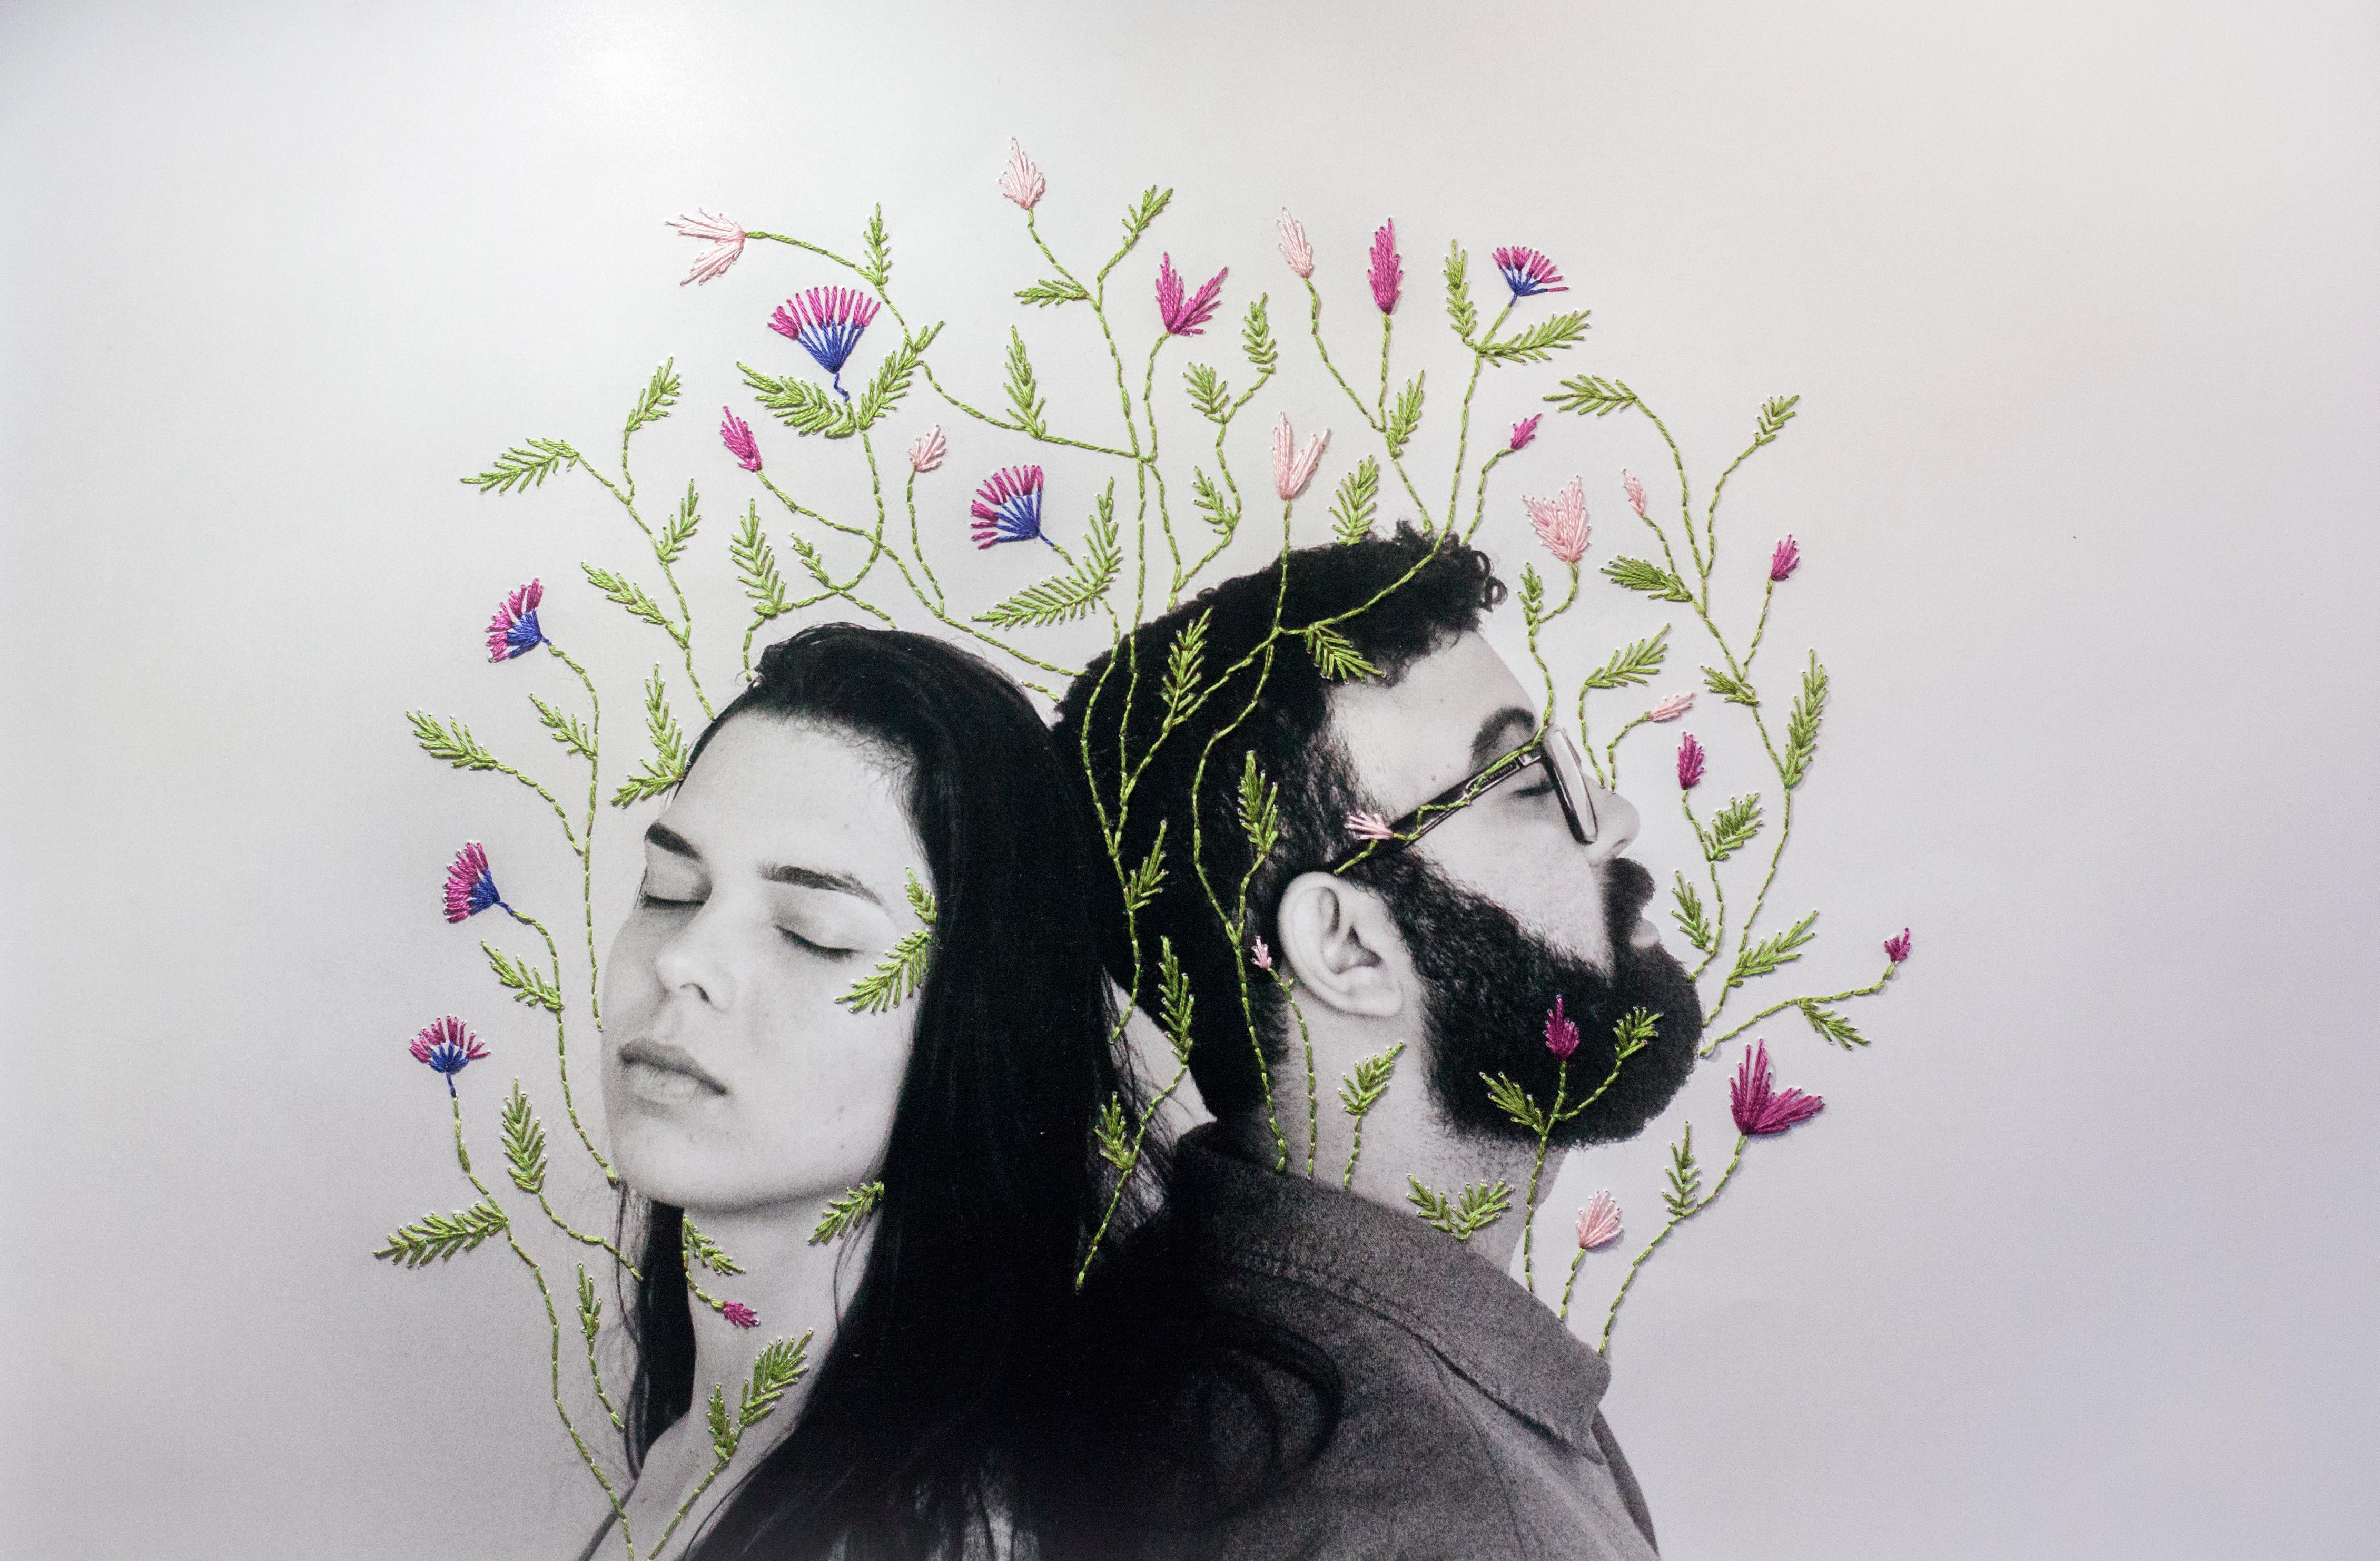 Foto e Bordado, Aline Brant 2017